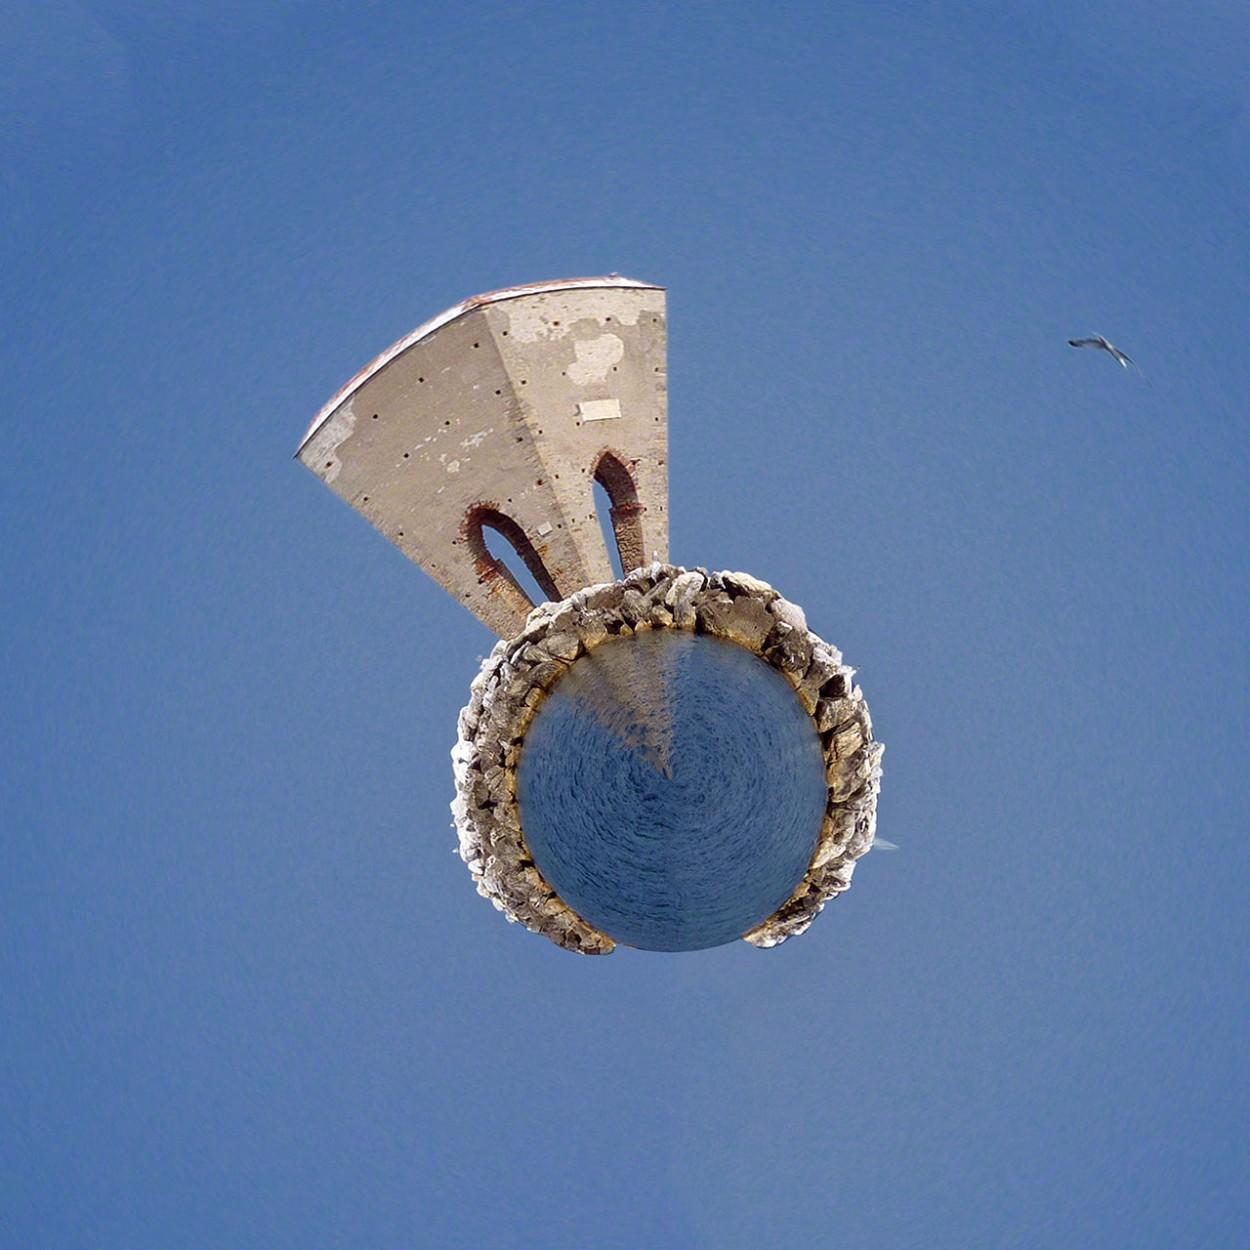 Creare un Pianeta con una foto con Photoshop in 3 Passaggi - Pianeta La Meloria, Livorno